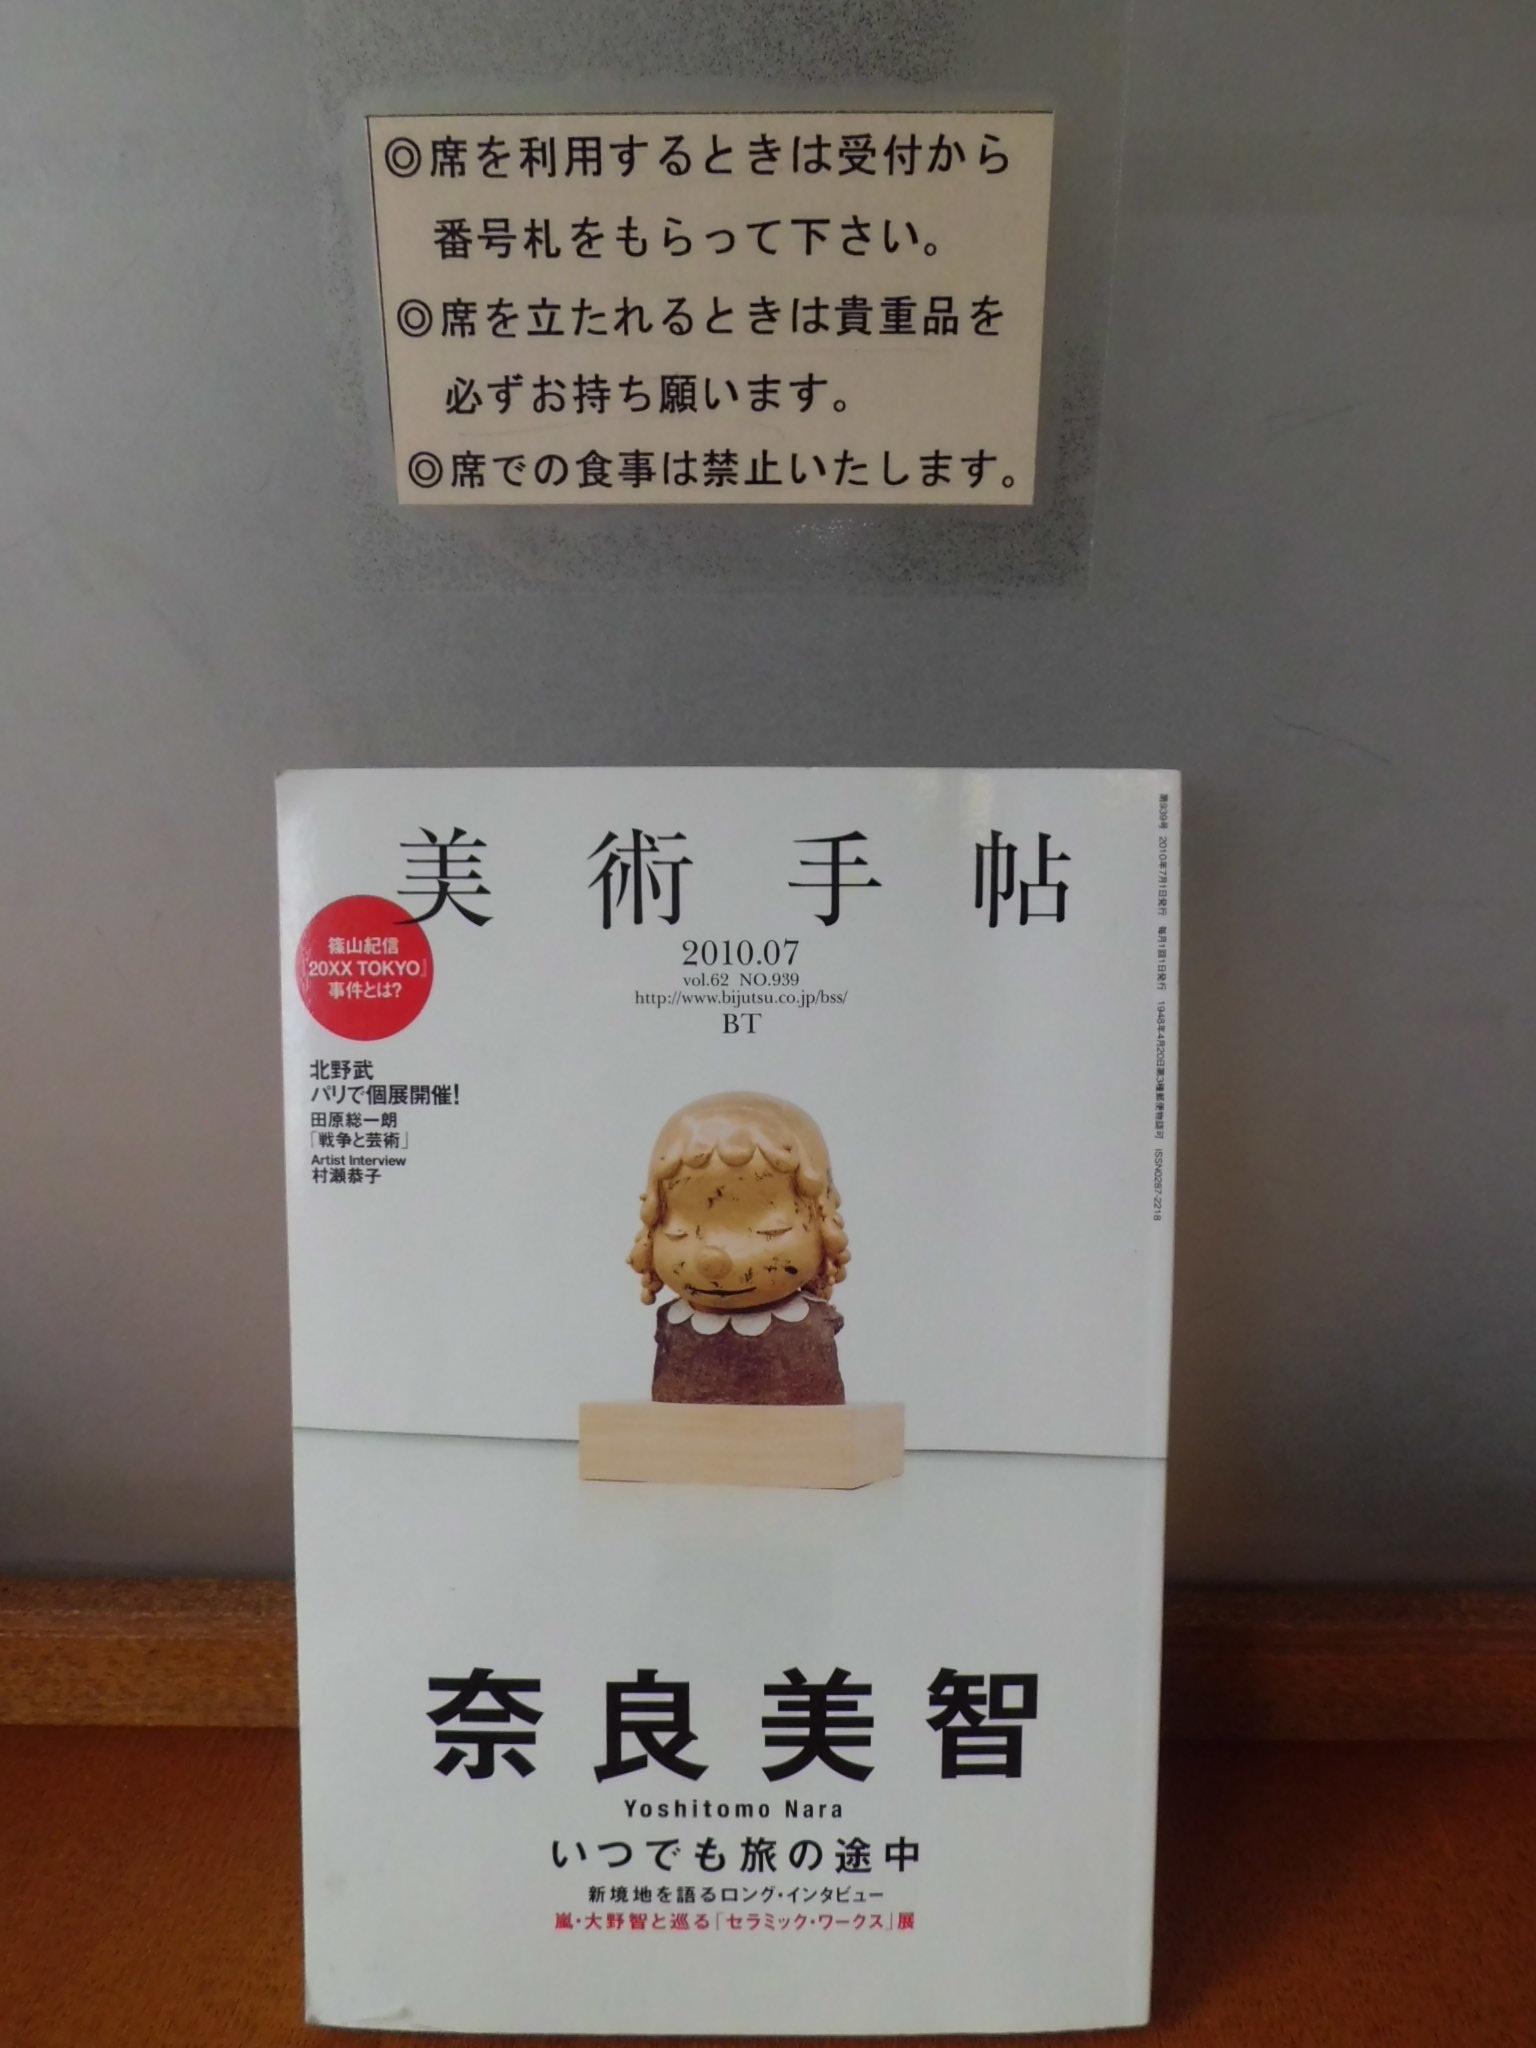 大野智×奈良美智の『美術手帖』_a0025572_2336108.jpg